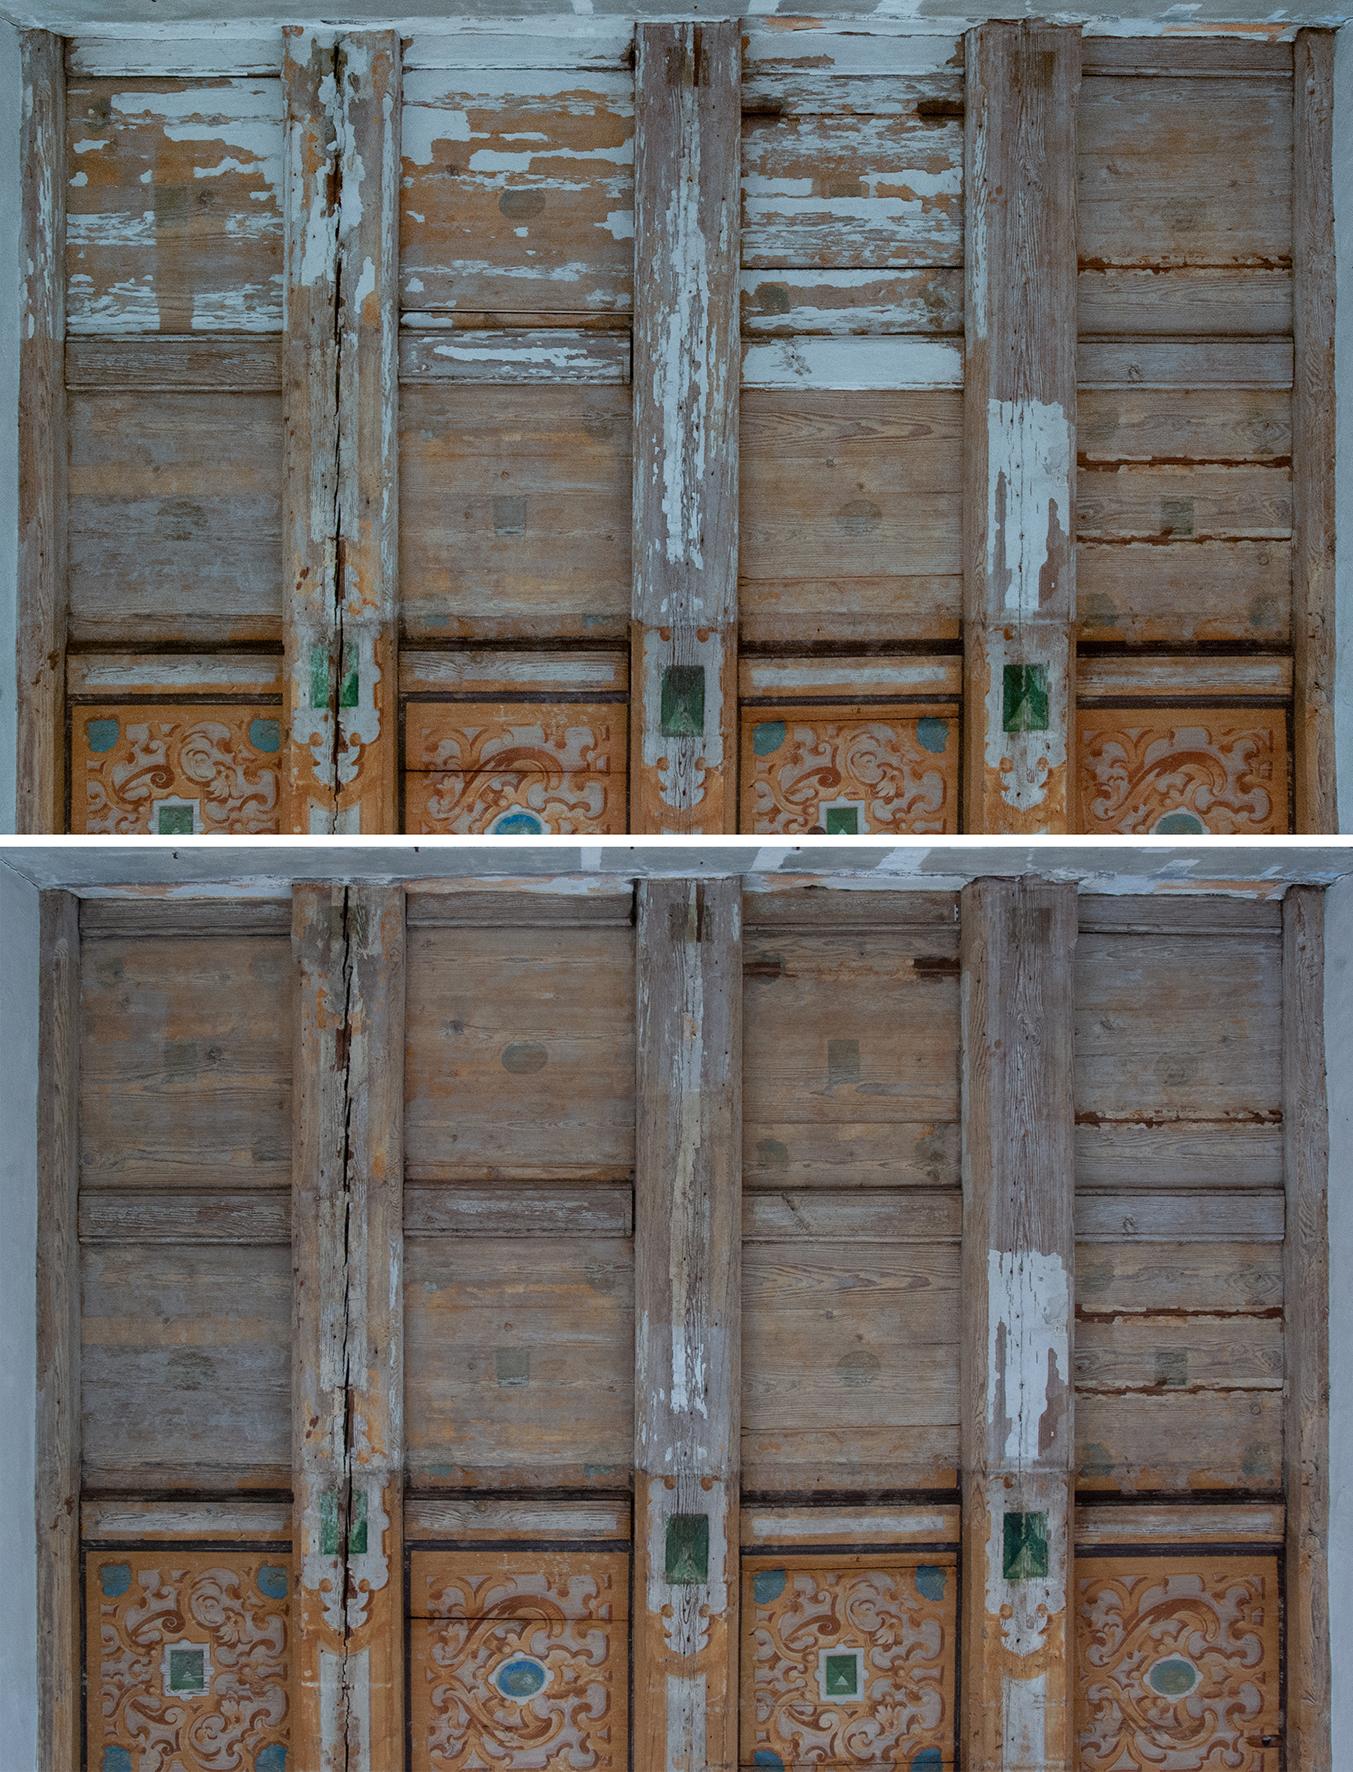 Foto Tino Simon mittleres Frauengemach, Deckenmalerei im östlichen Teil des Raumes, Vor- und Nachzustand